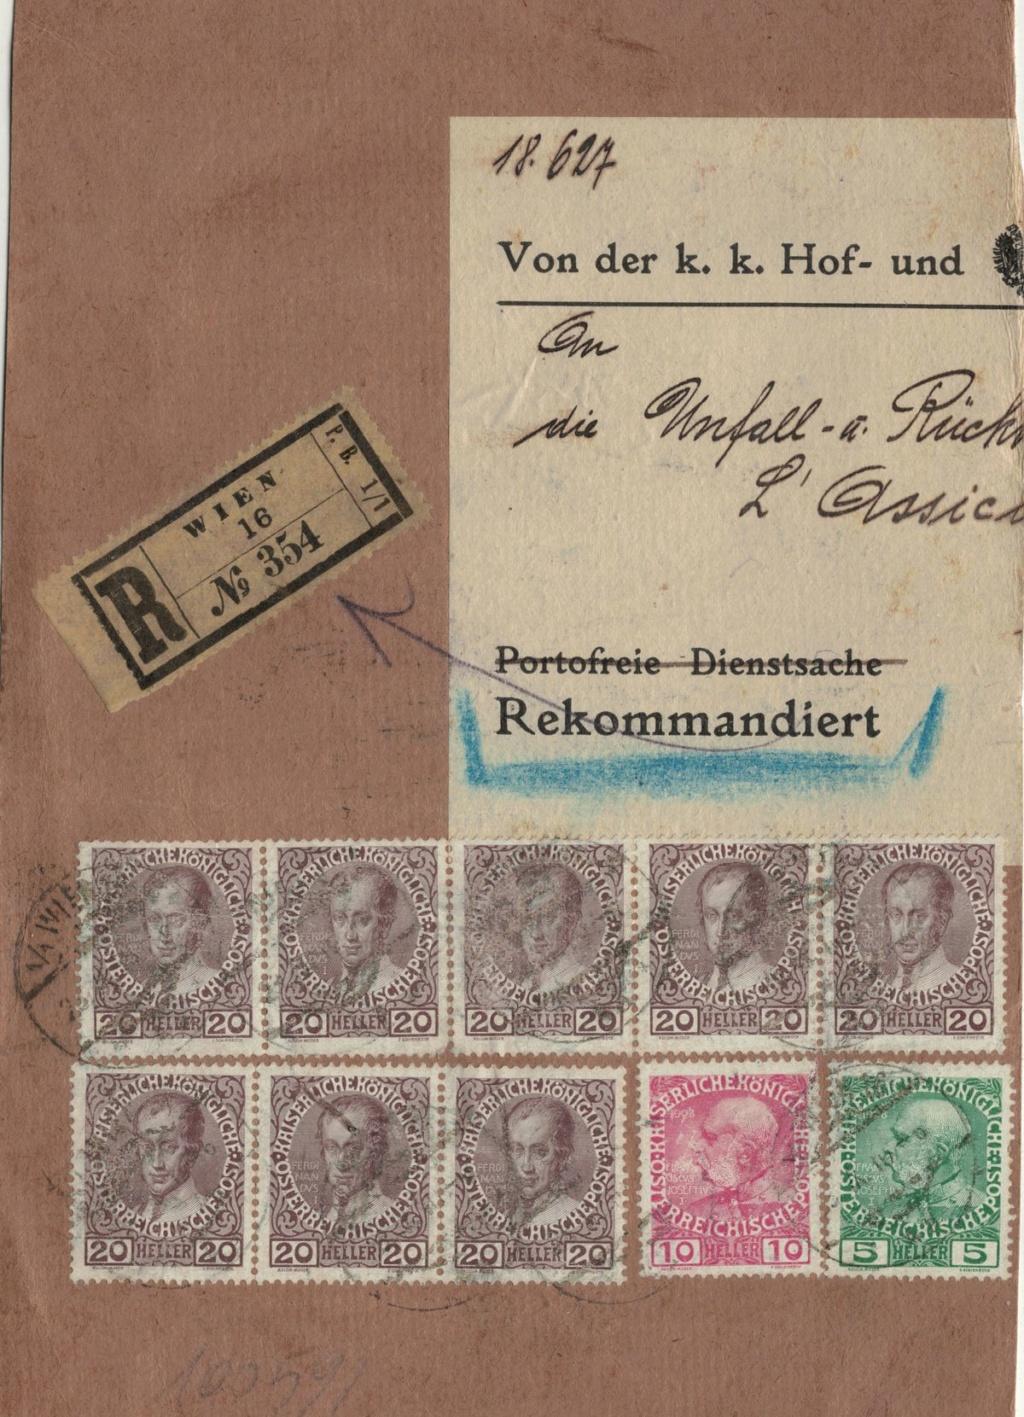 Die Freimarkenausgabe 1908 - Seite 5 Hohe_f10